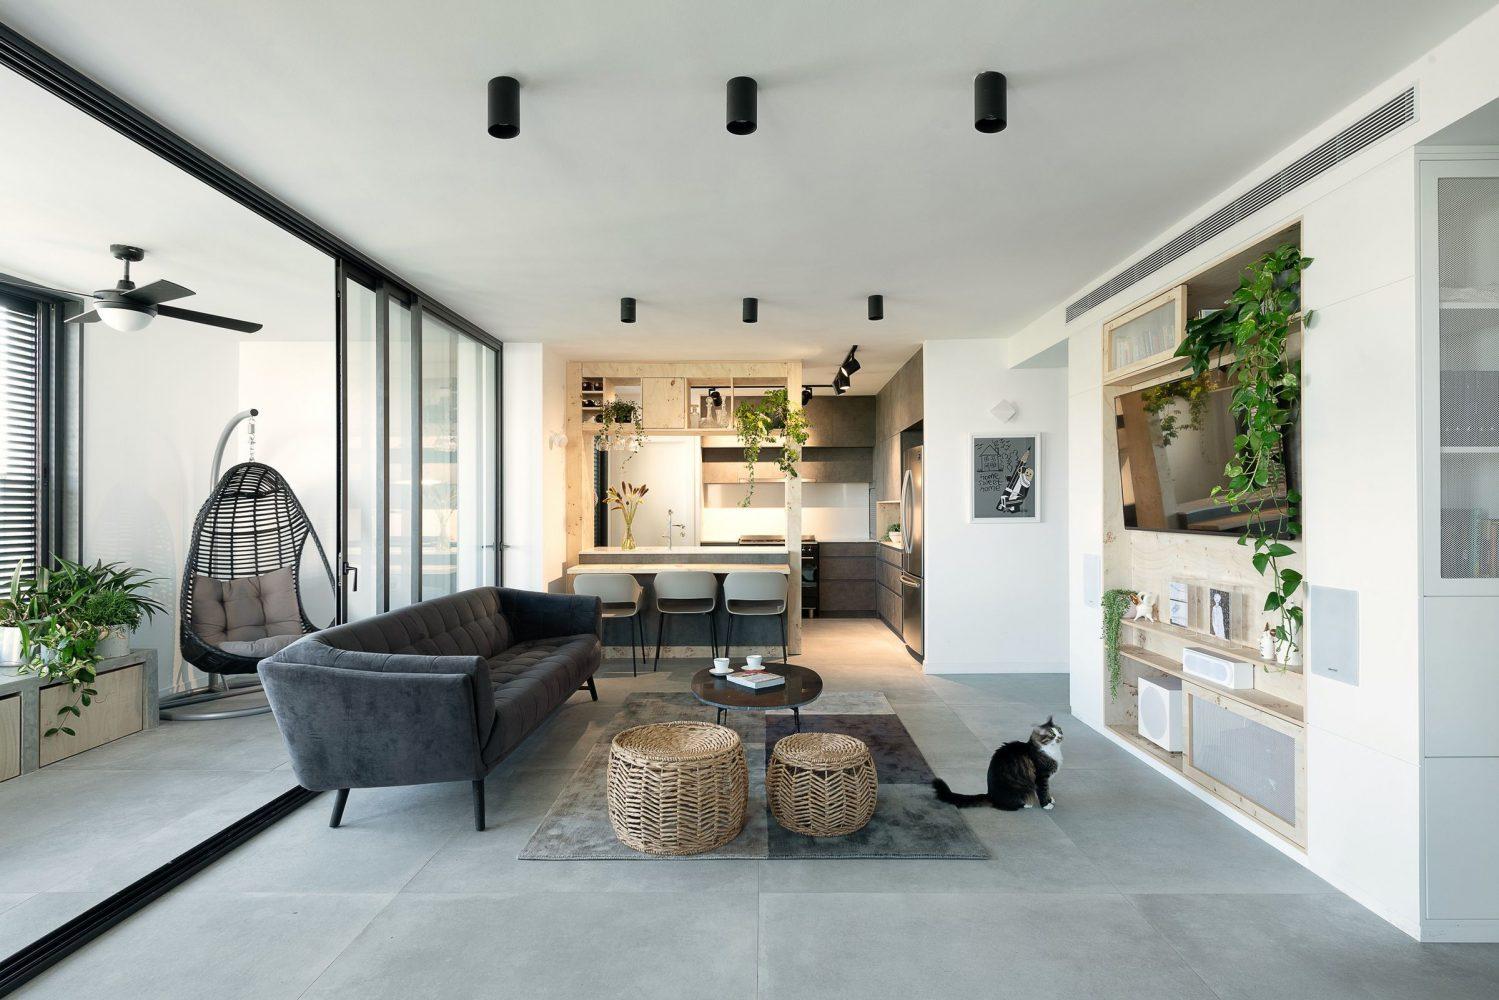 thiết kế nội thất căn hộ chung cư đẹp - 01